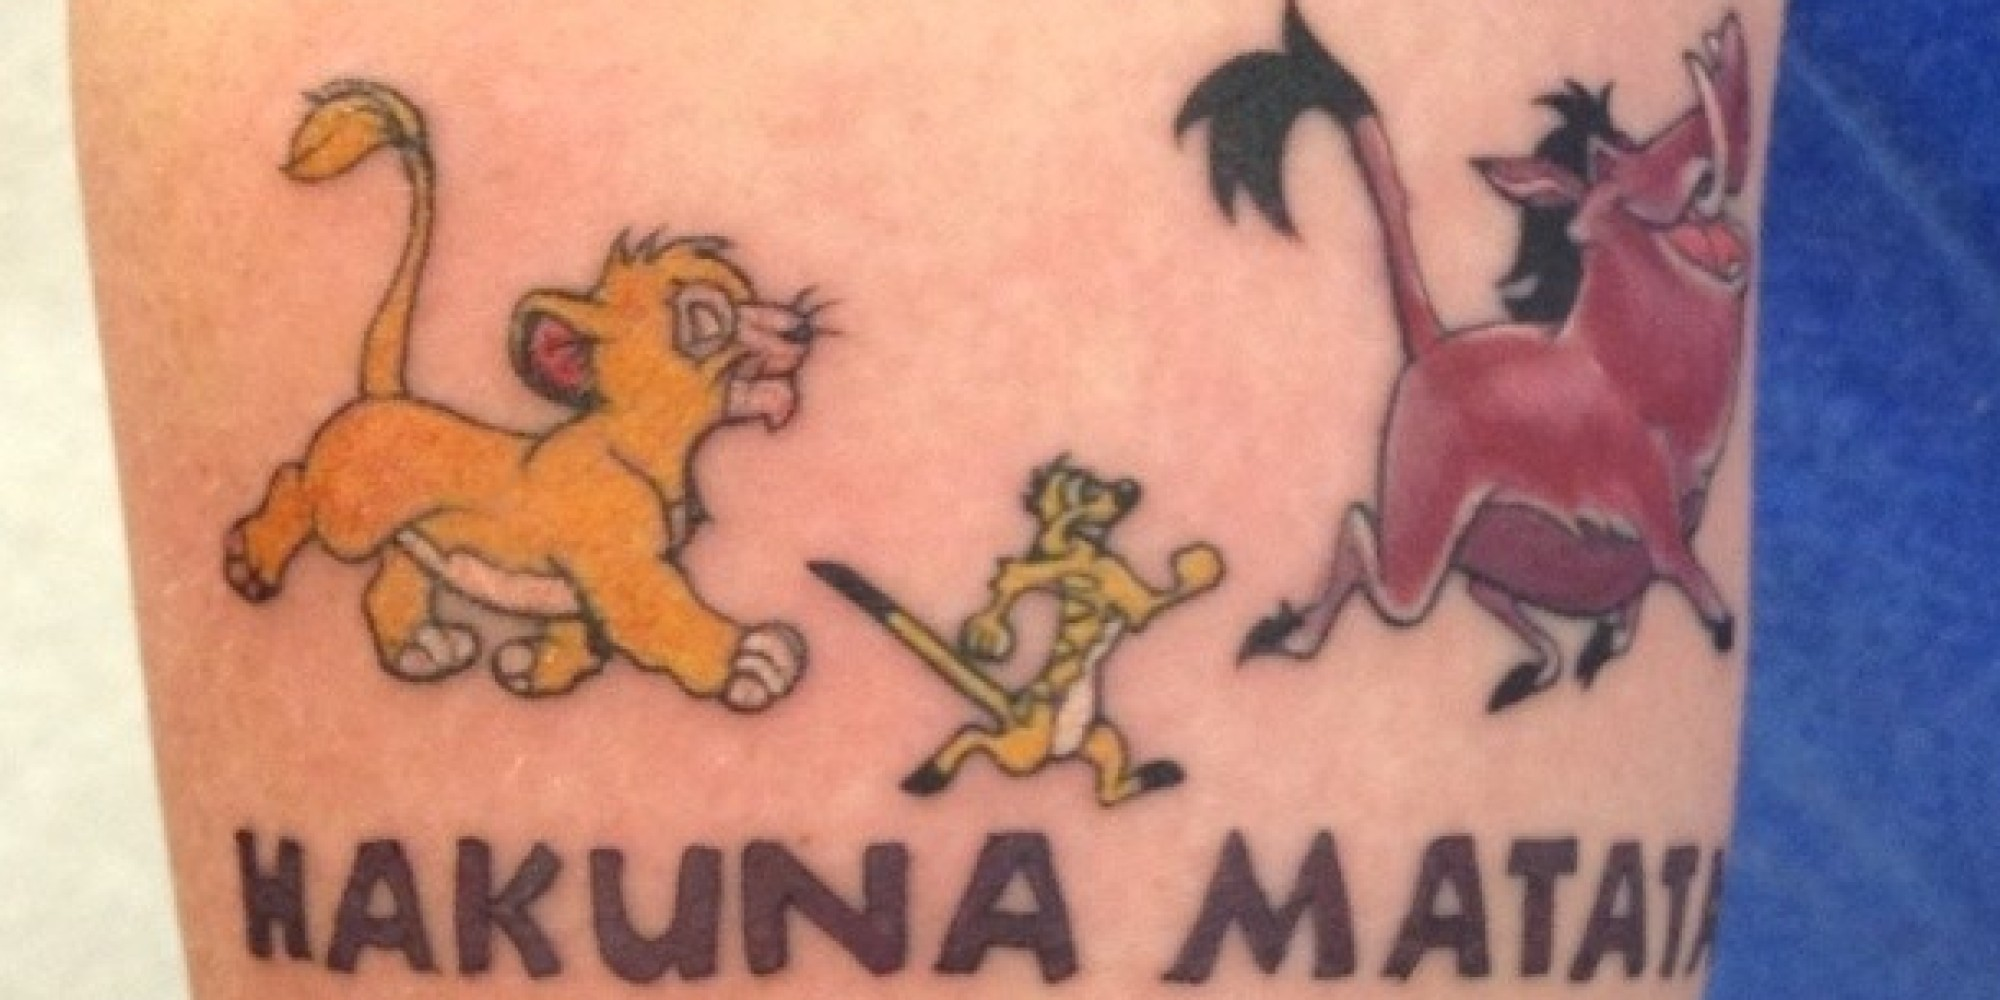 photos  ces tatouages inspir u00e9s des ann u00e9es 90 vous rendront